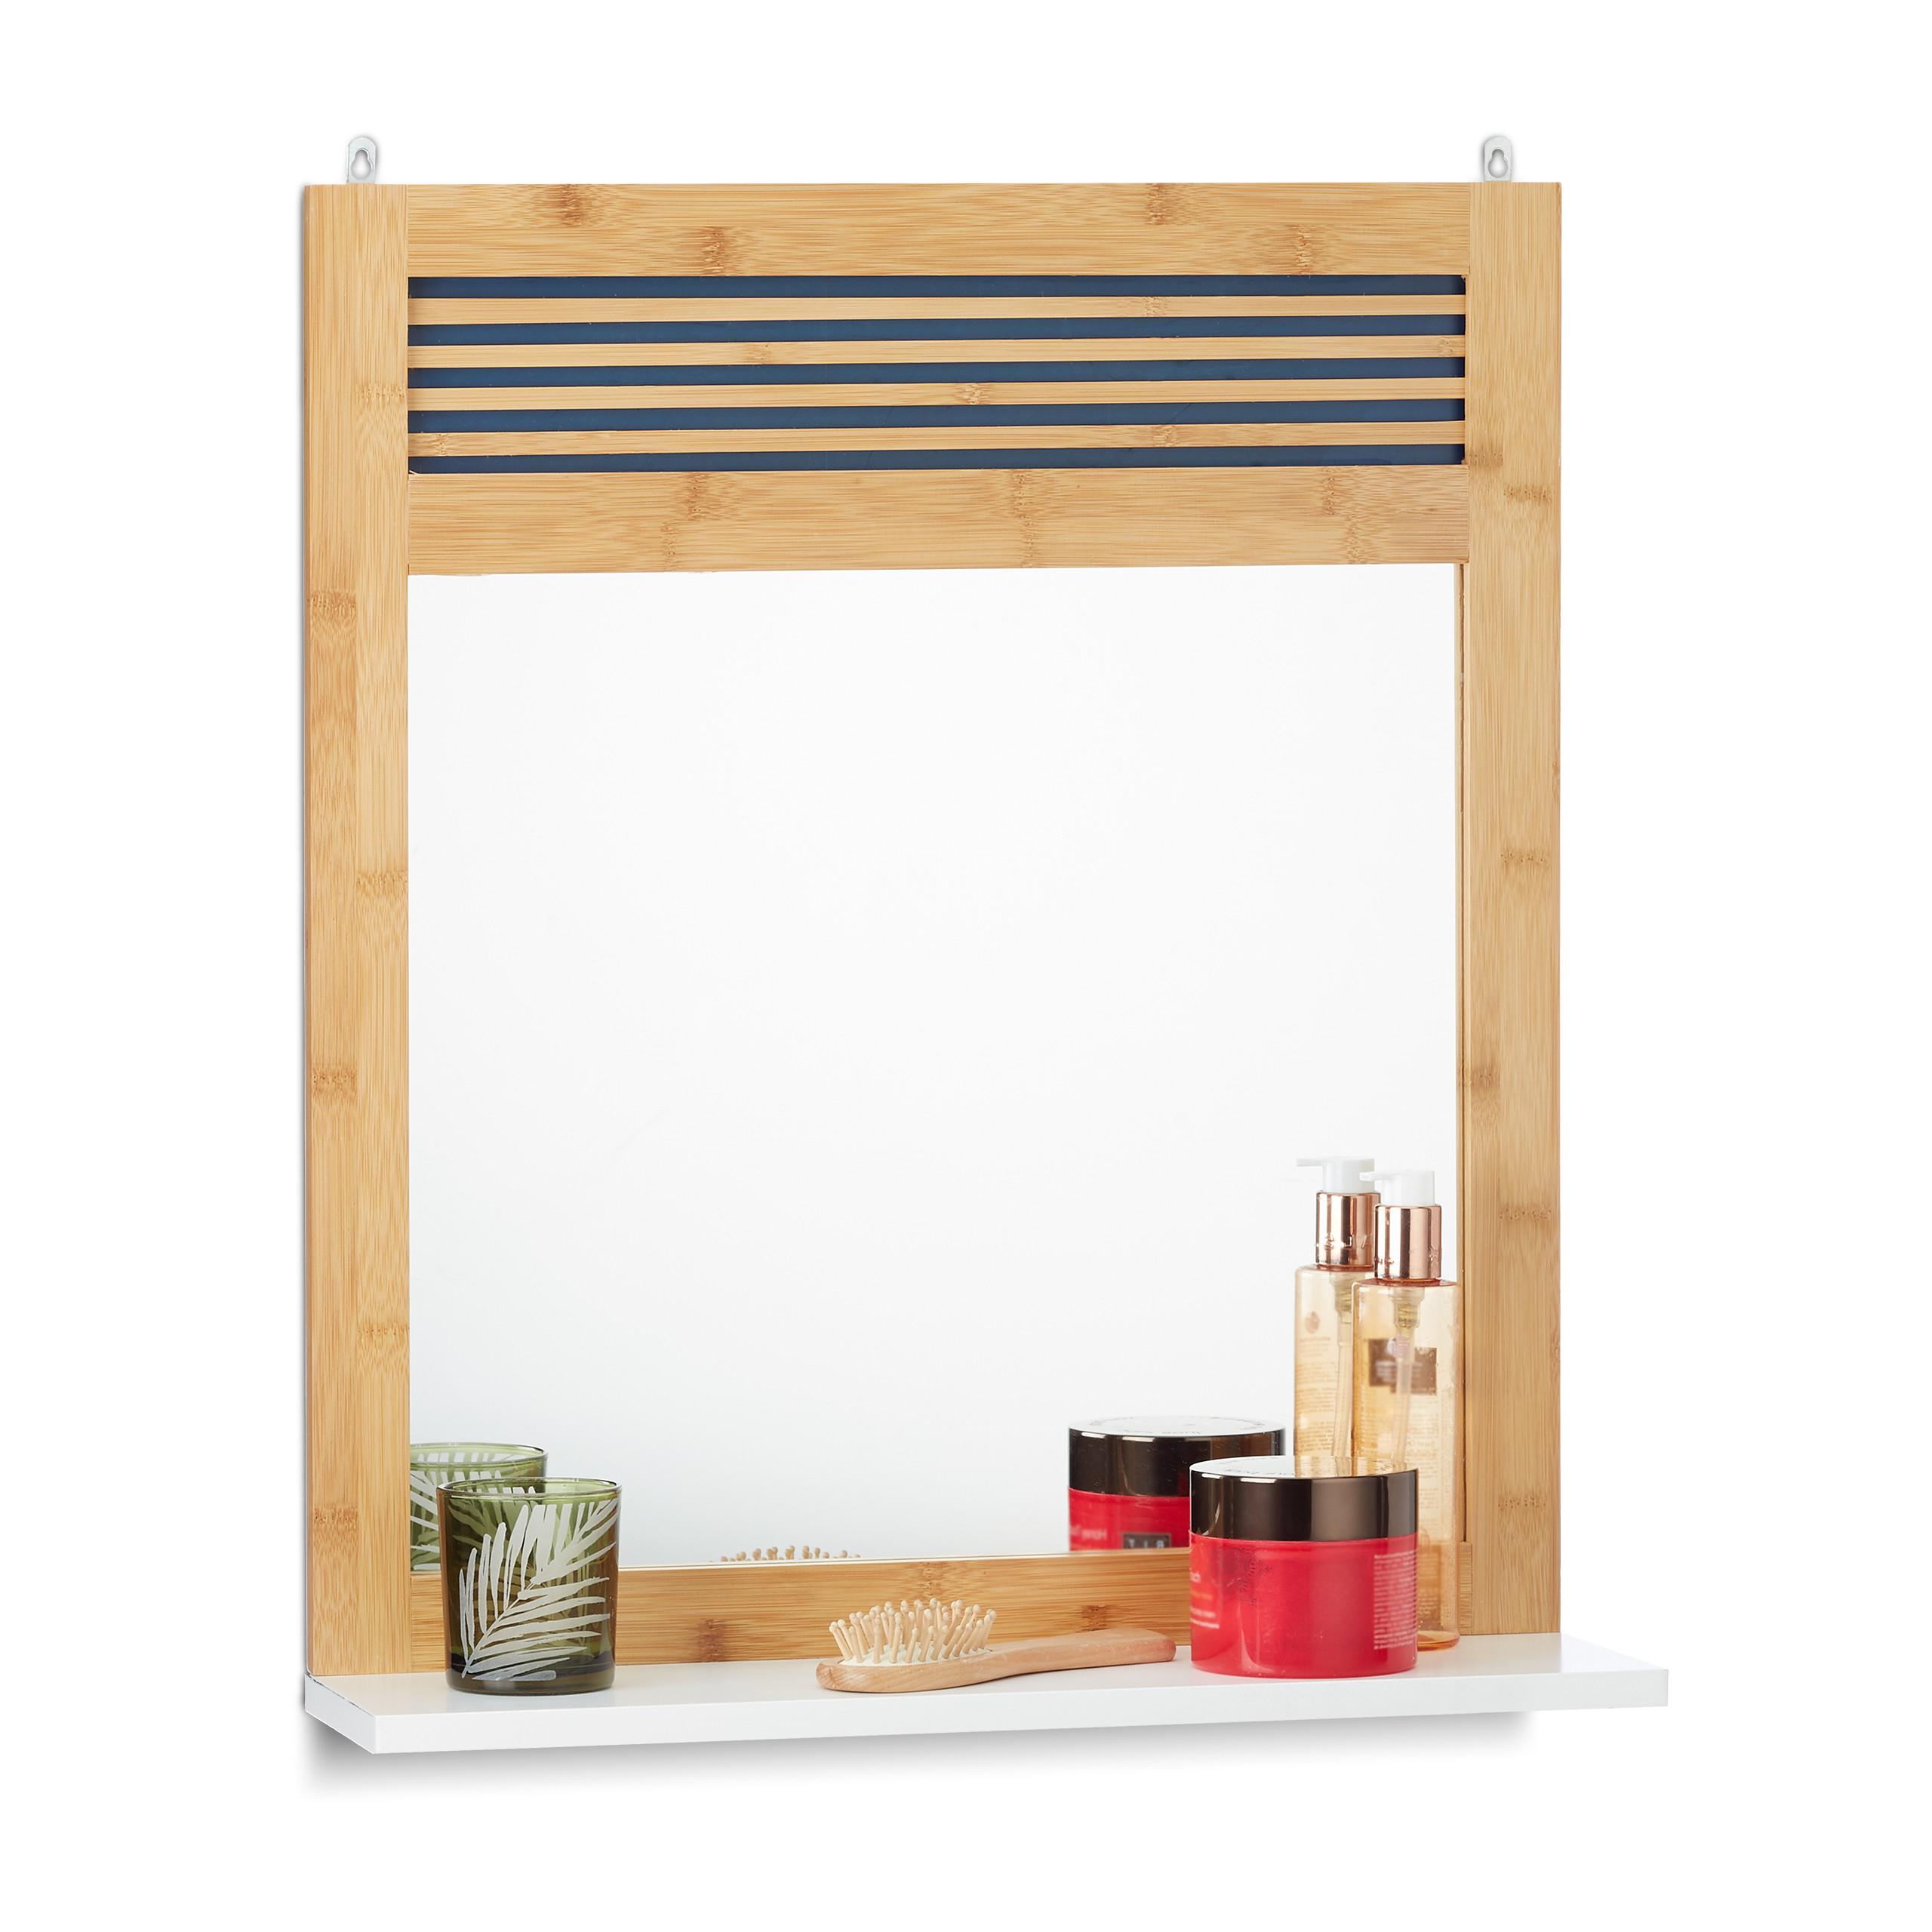 badspiegel mit ablage bambus badezimmerspiegel wandspiegel verziert spiegel ebay. Black Bedroom Furniture Sets. Home Design Ideas